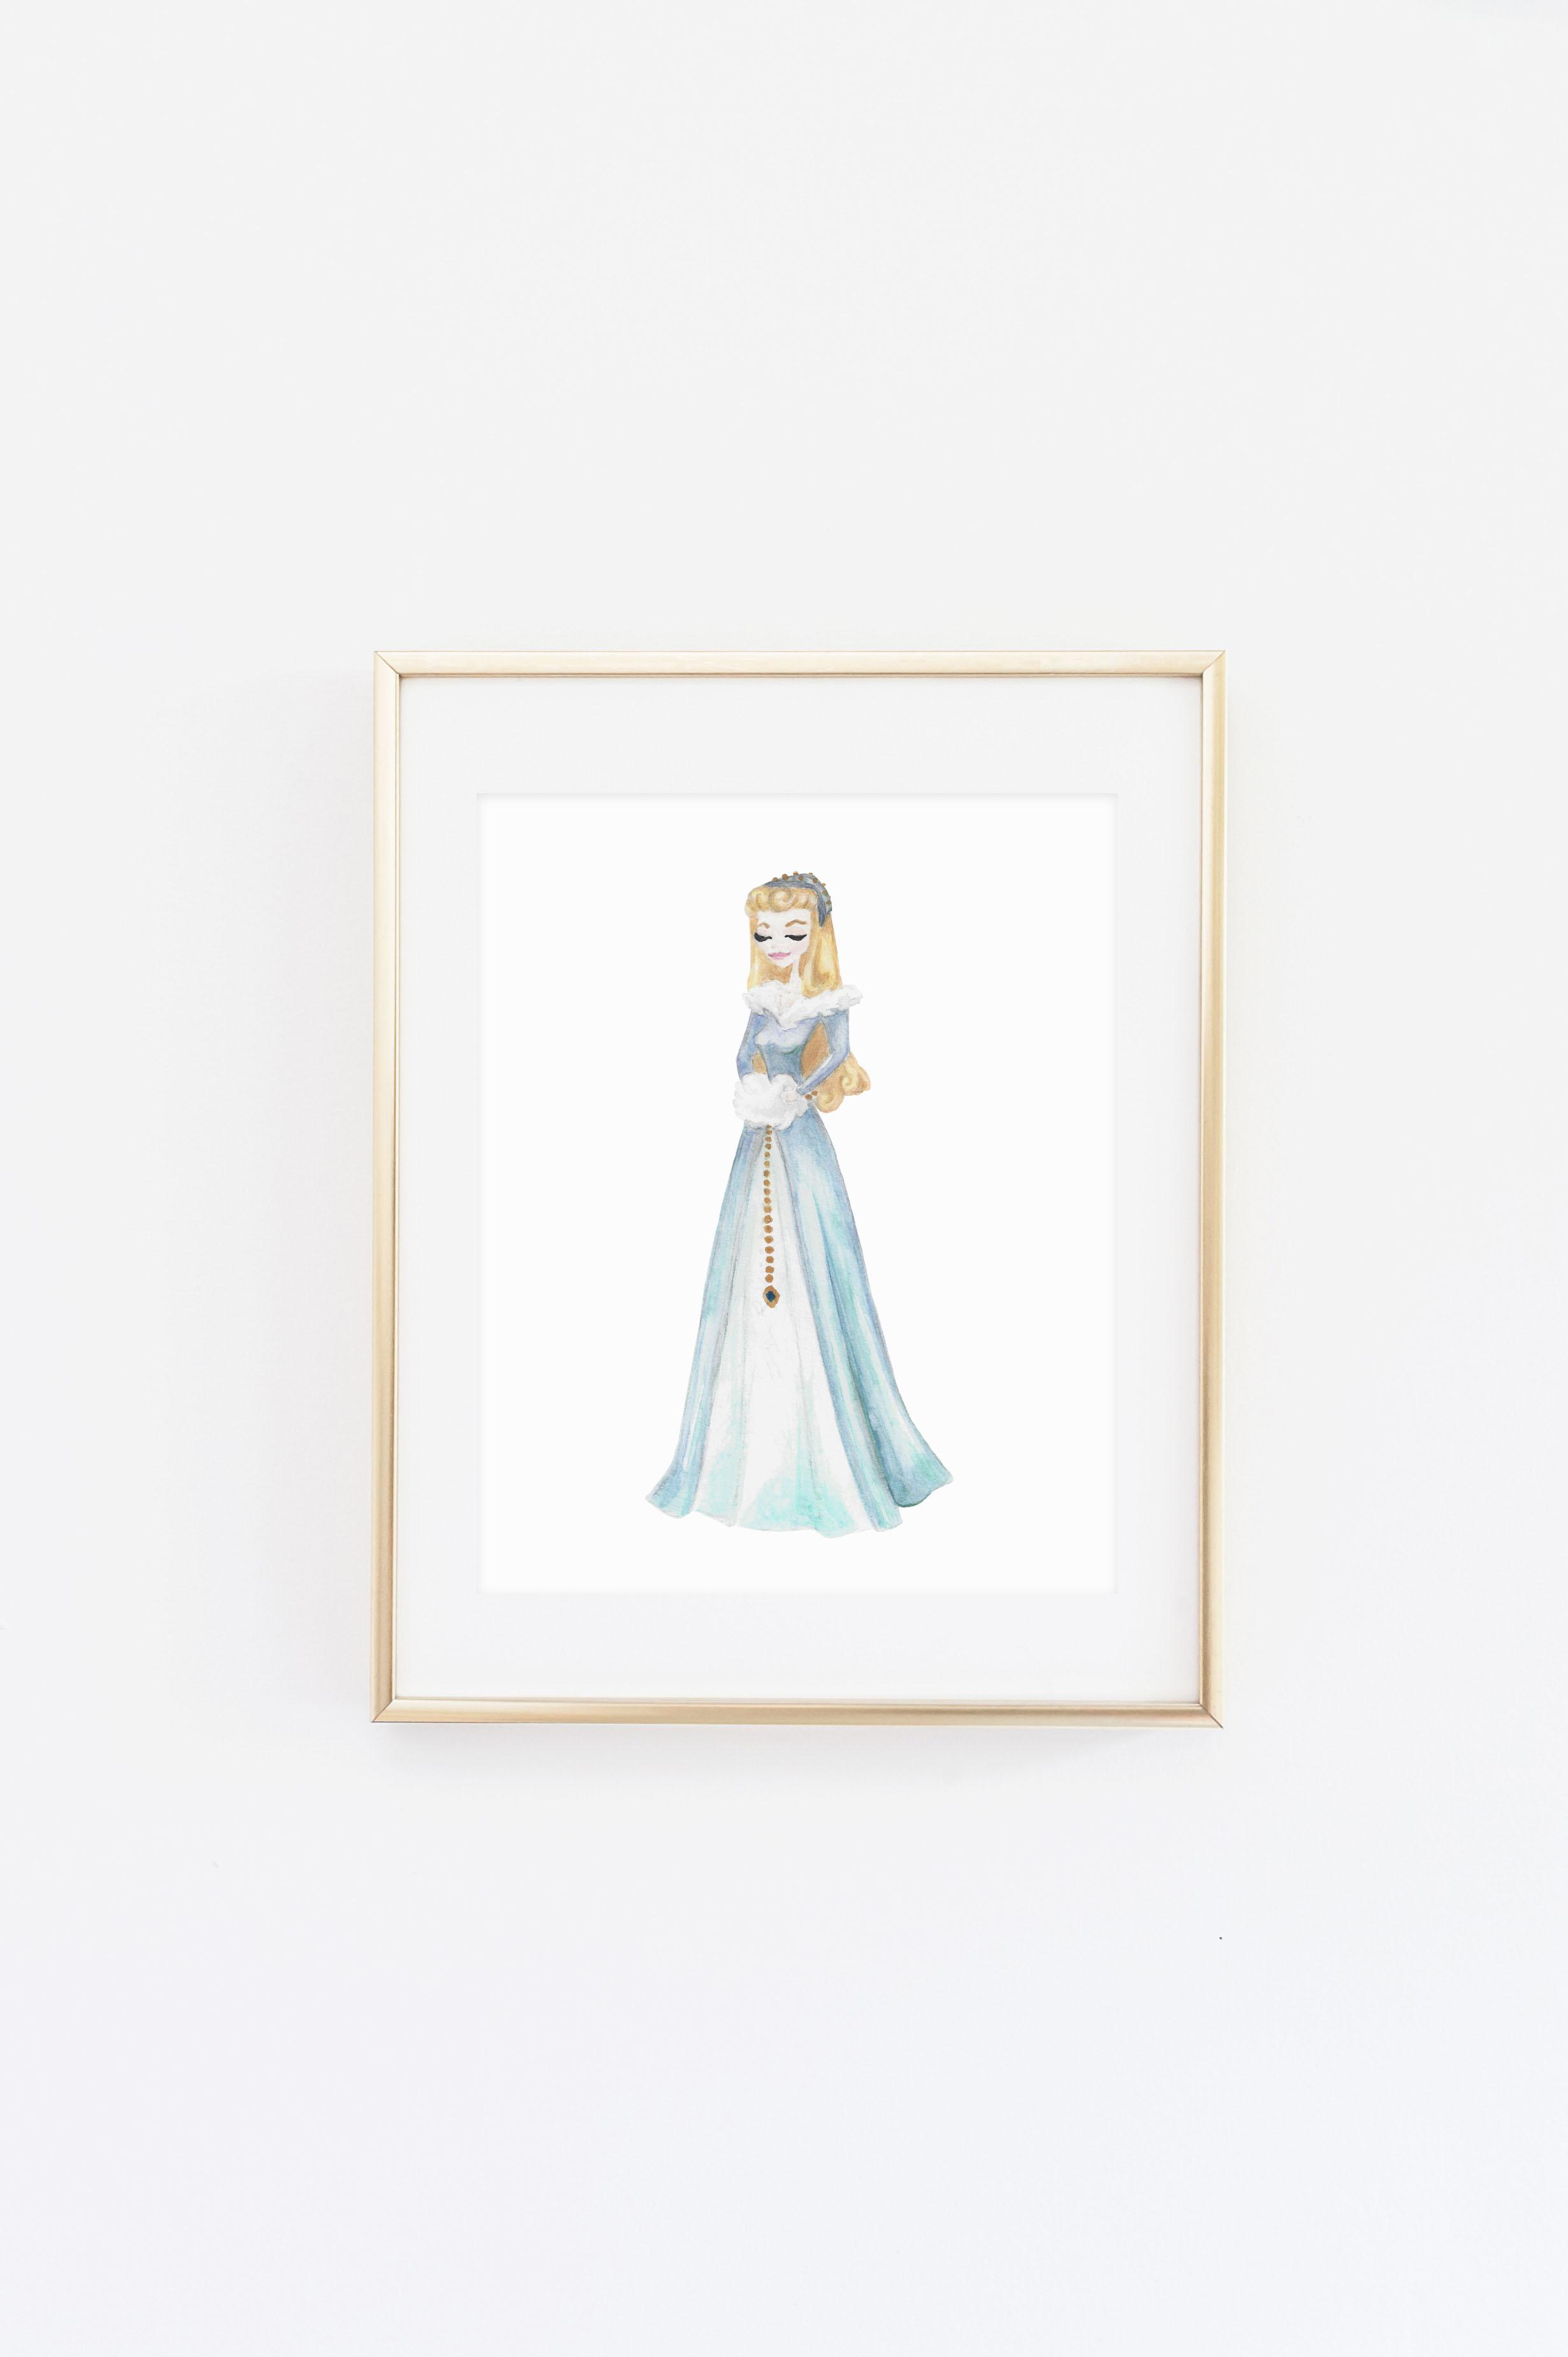 2462x3700 Sleeping Beauty 3 Watercolor Print Little Moon Dance Online